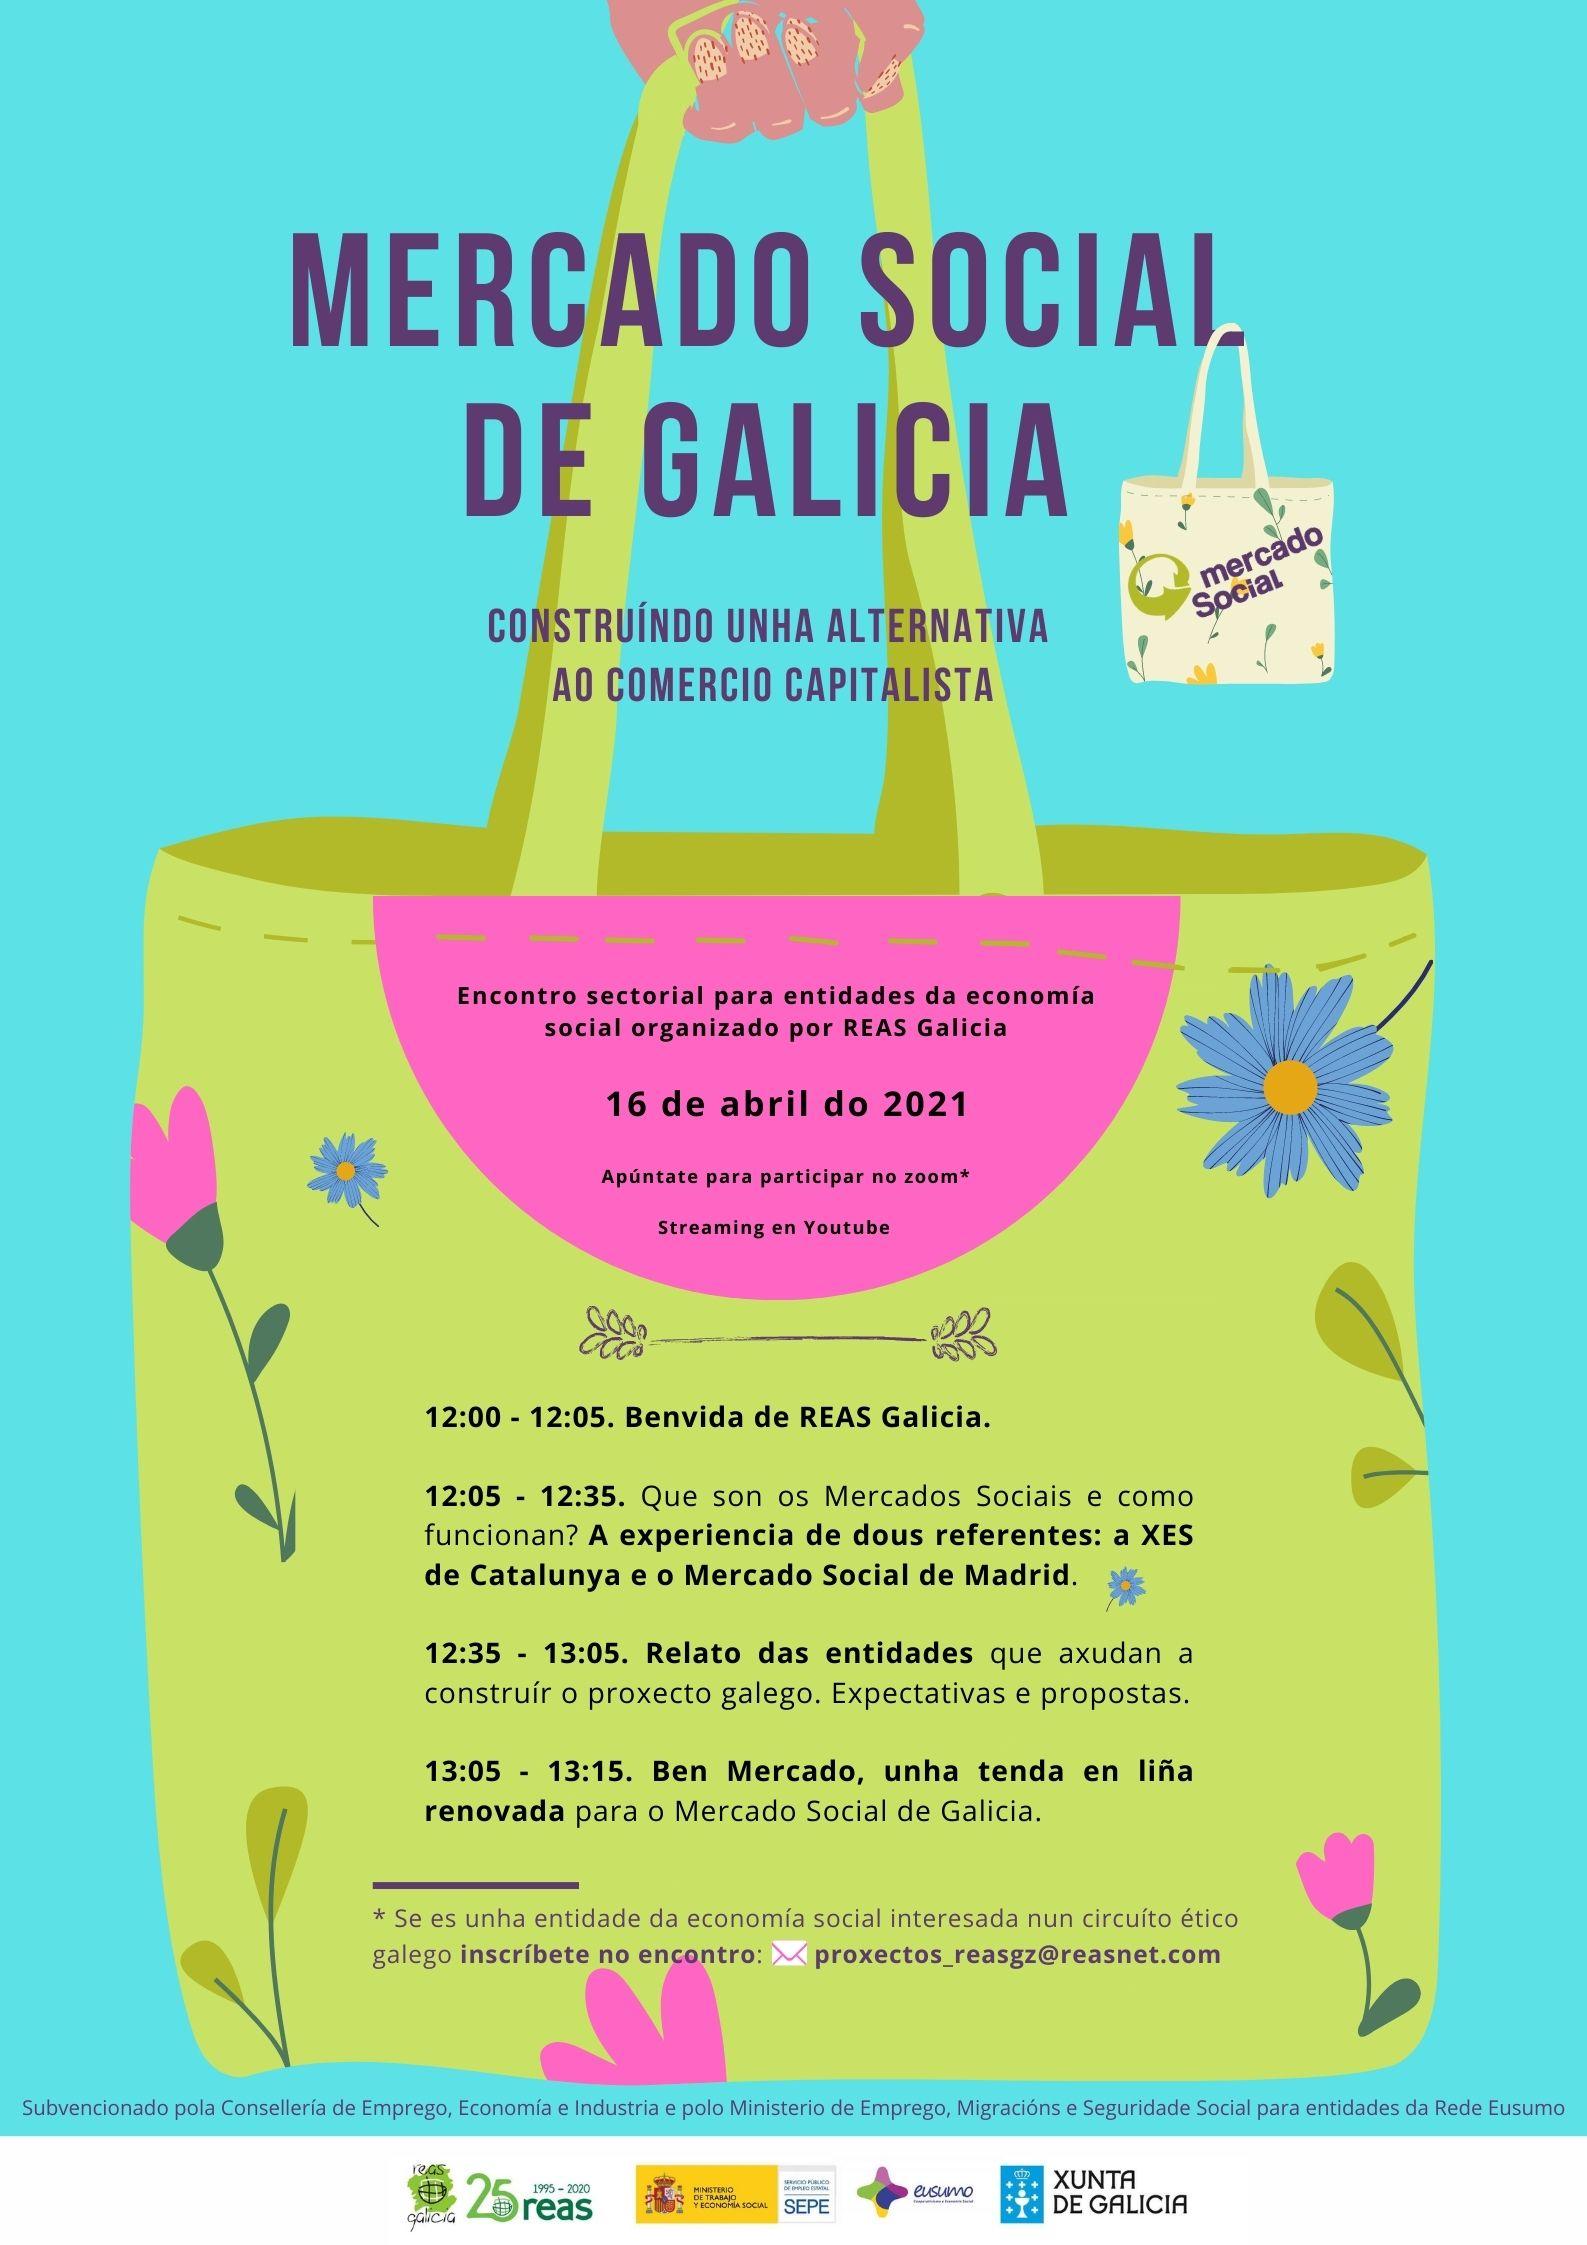 Encontro Mercado Social Galicia,